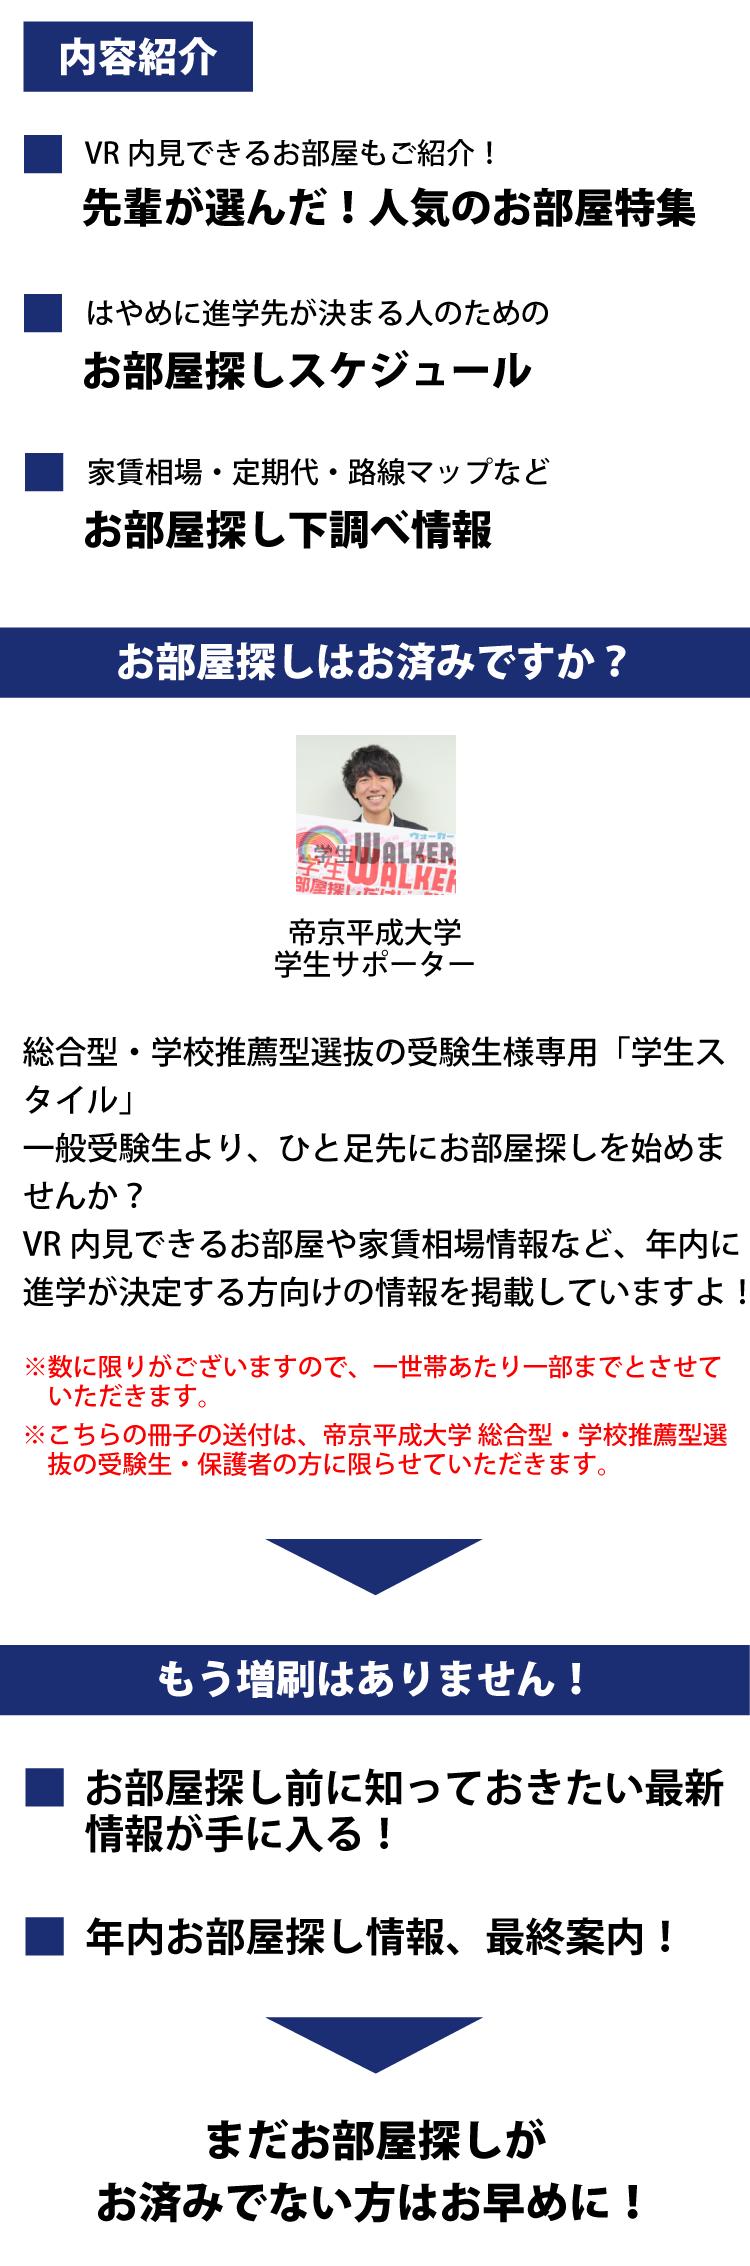 大学 総合 選抜 型 帝京 平成